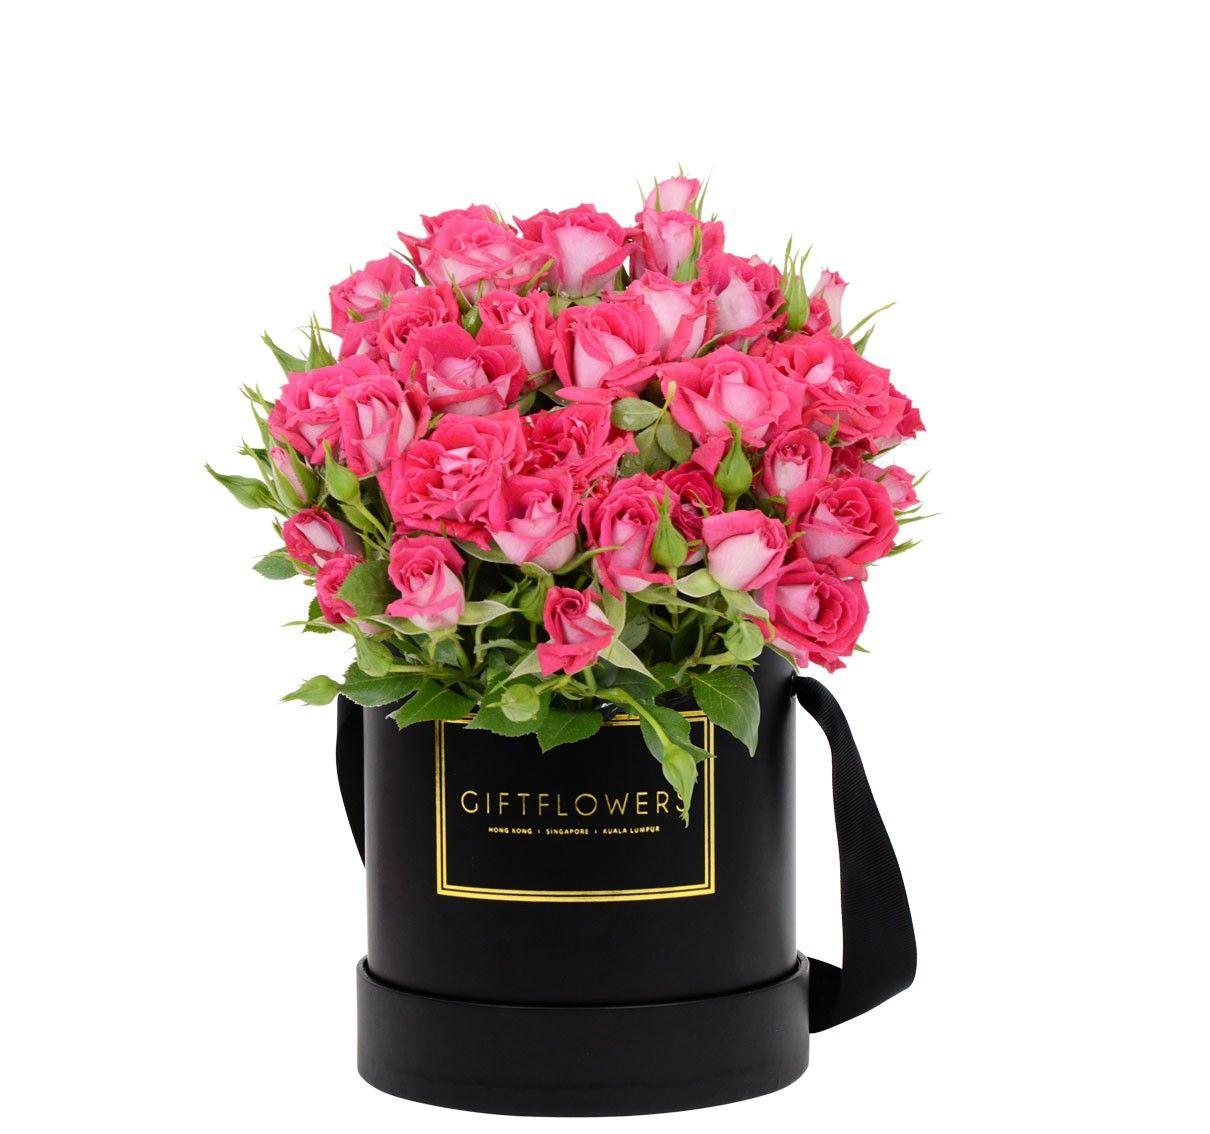 Mini Roses with Elegant Flower Box Gift Flowers SG